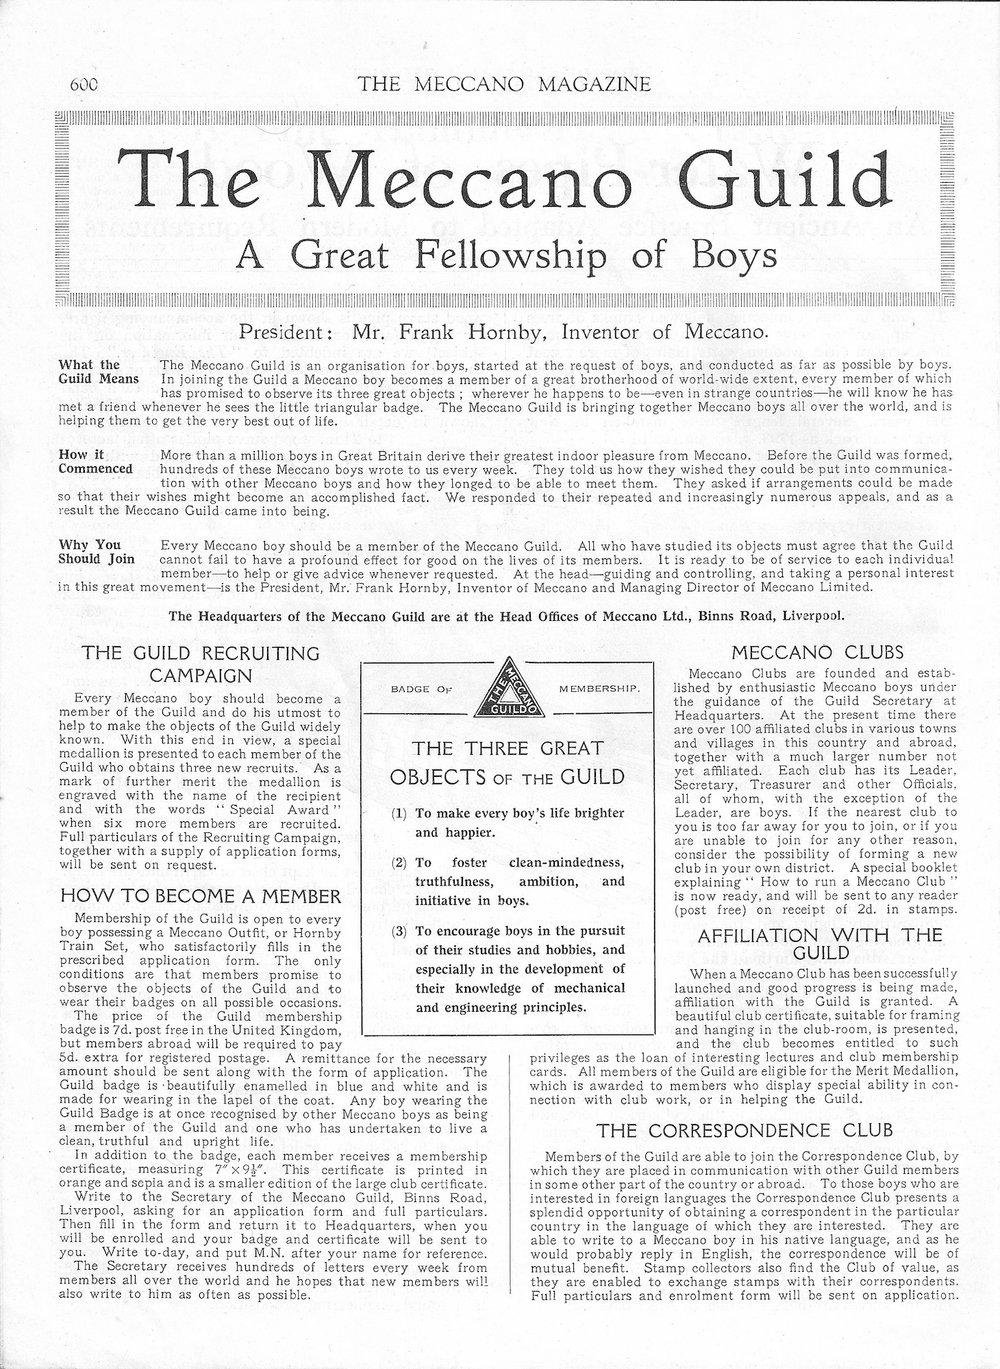 The Meccano Guild